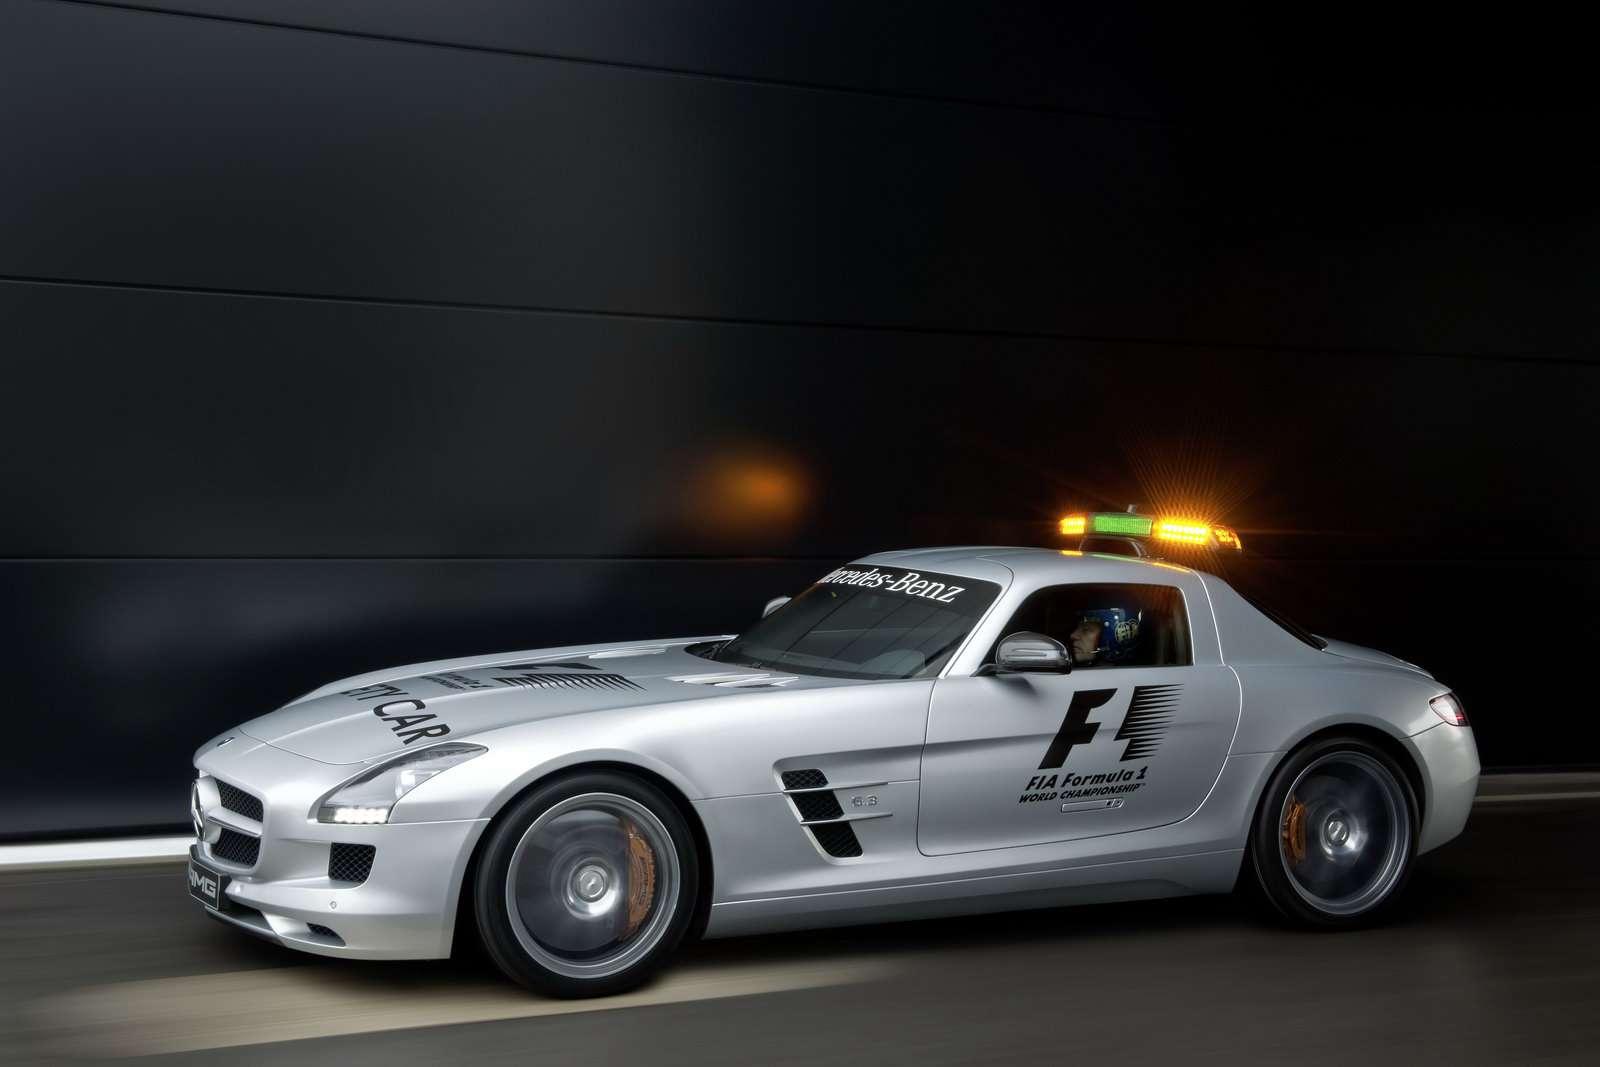 Mercedes SLS AMG safety car 2010